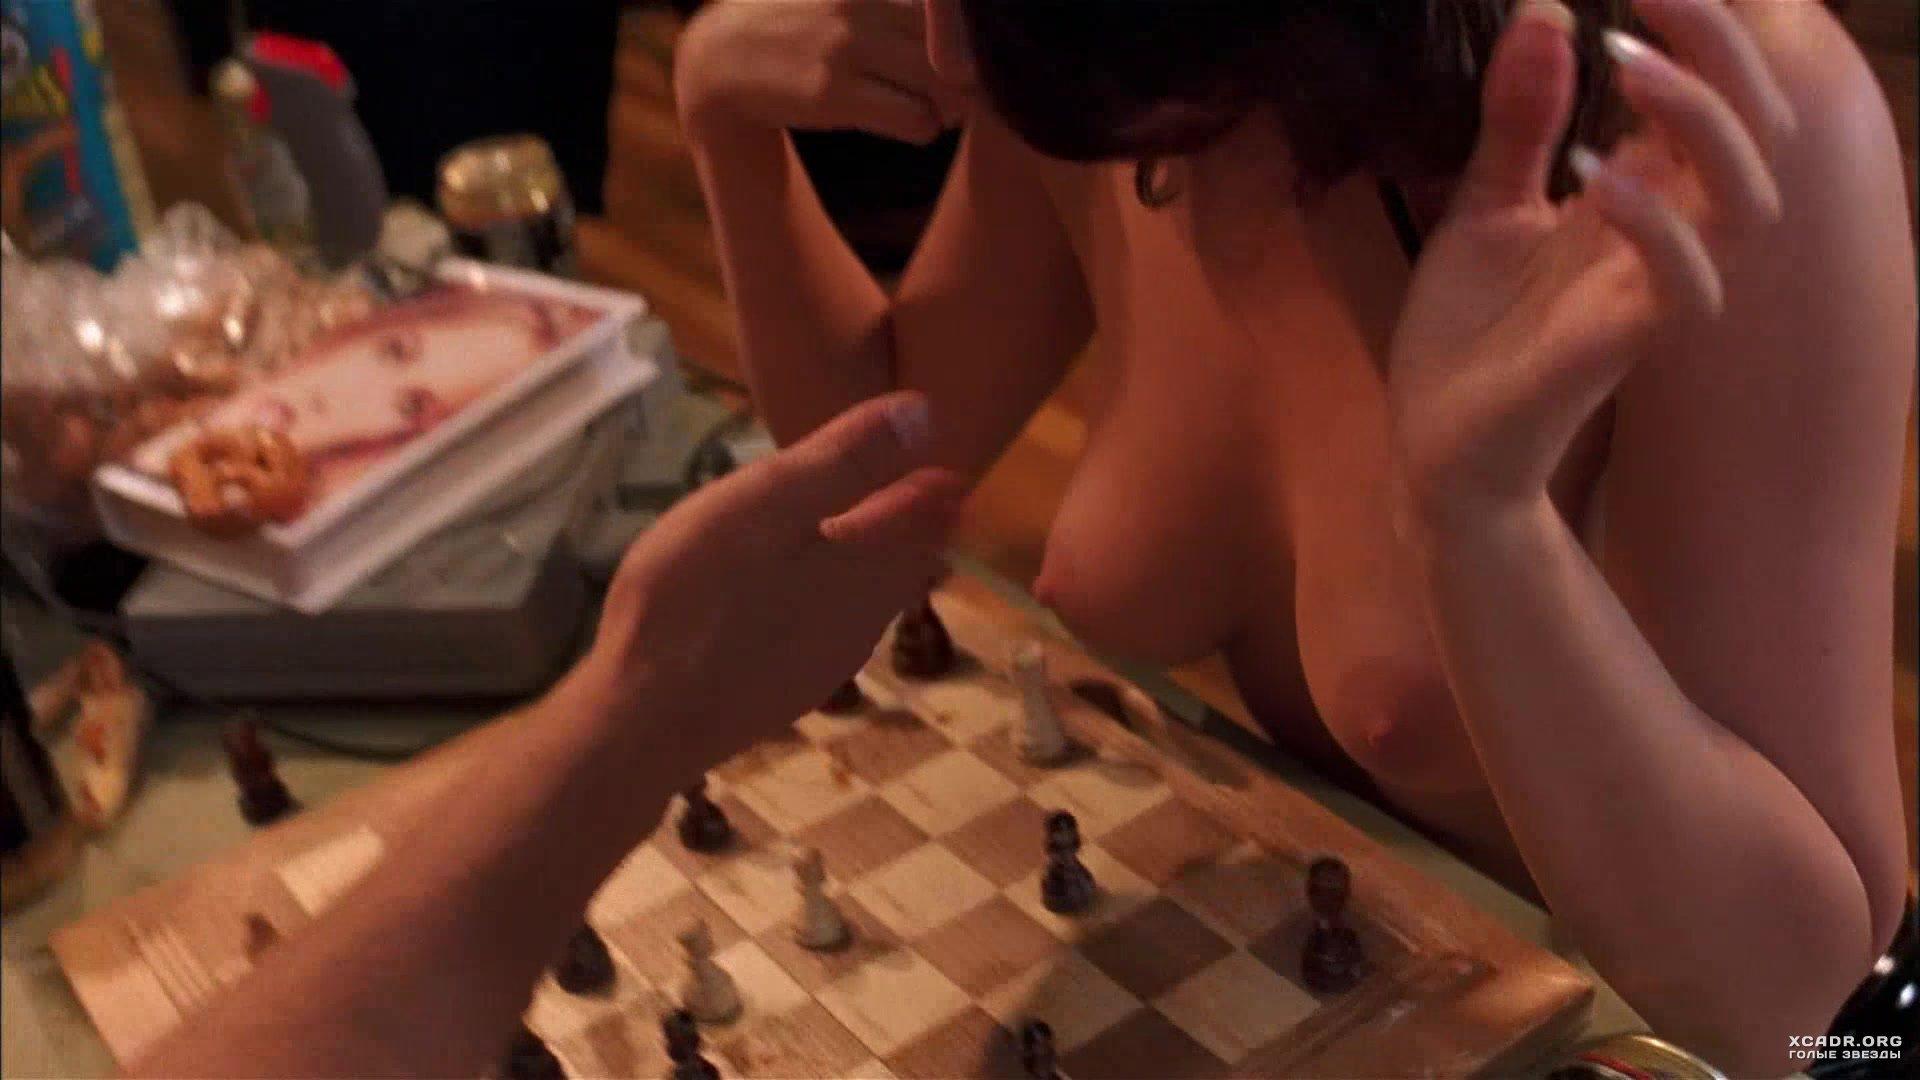 Камерон Диаз найдено 134 порно видео